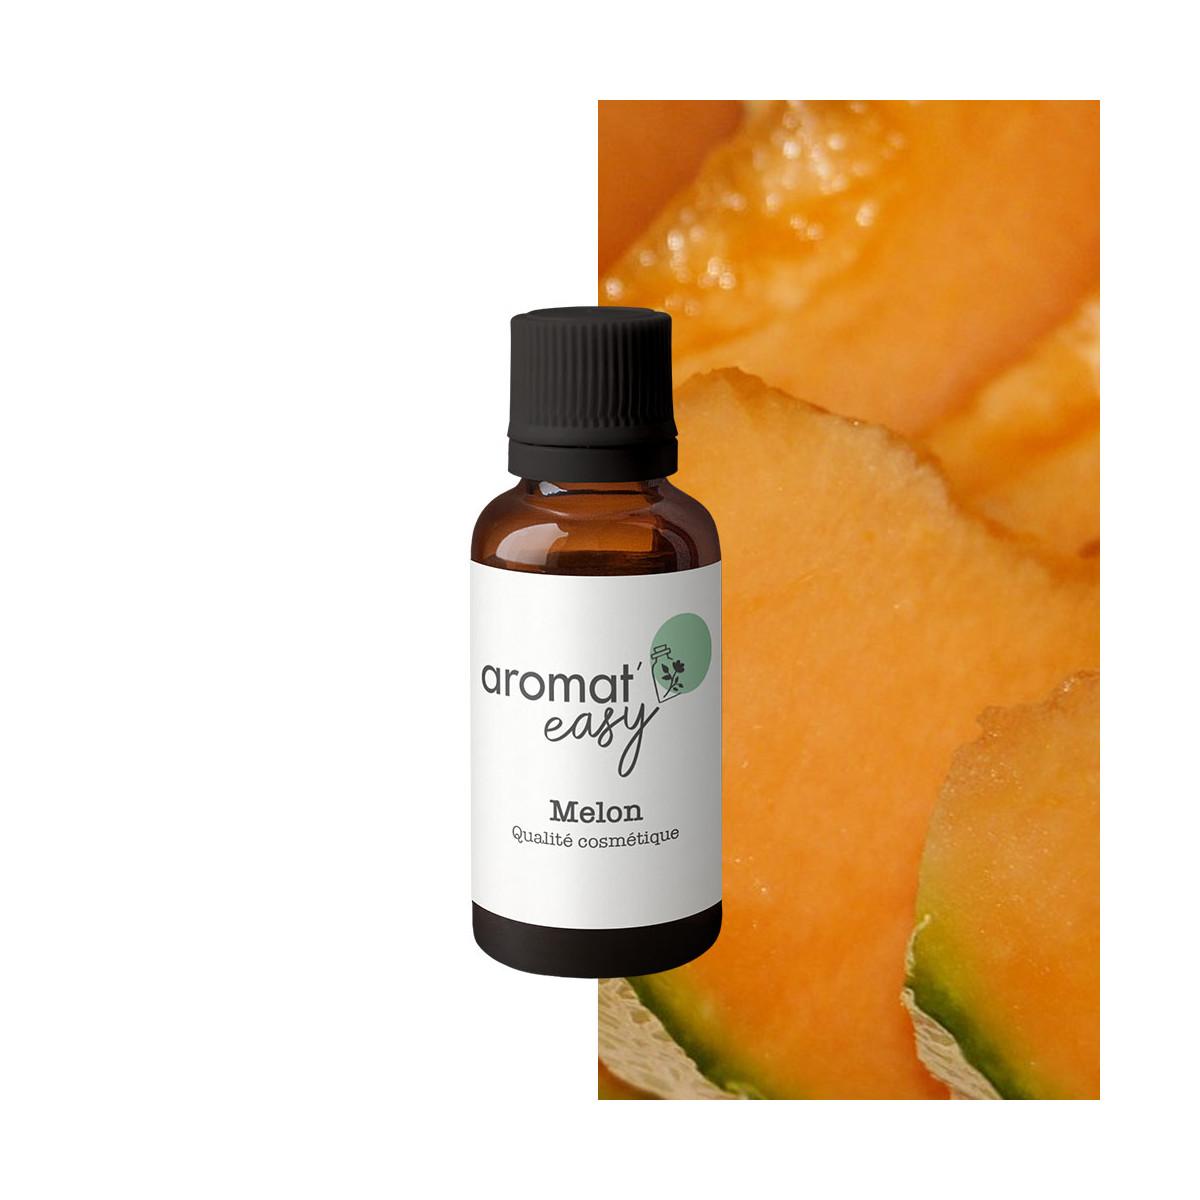 Extrait pour parfum Melon